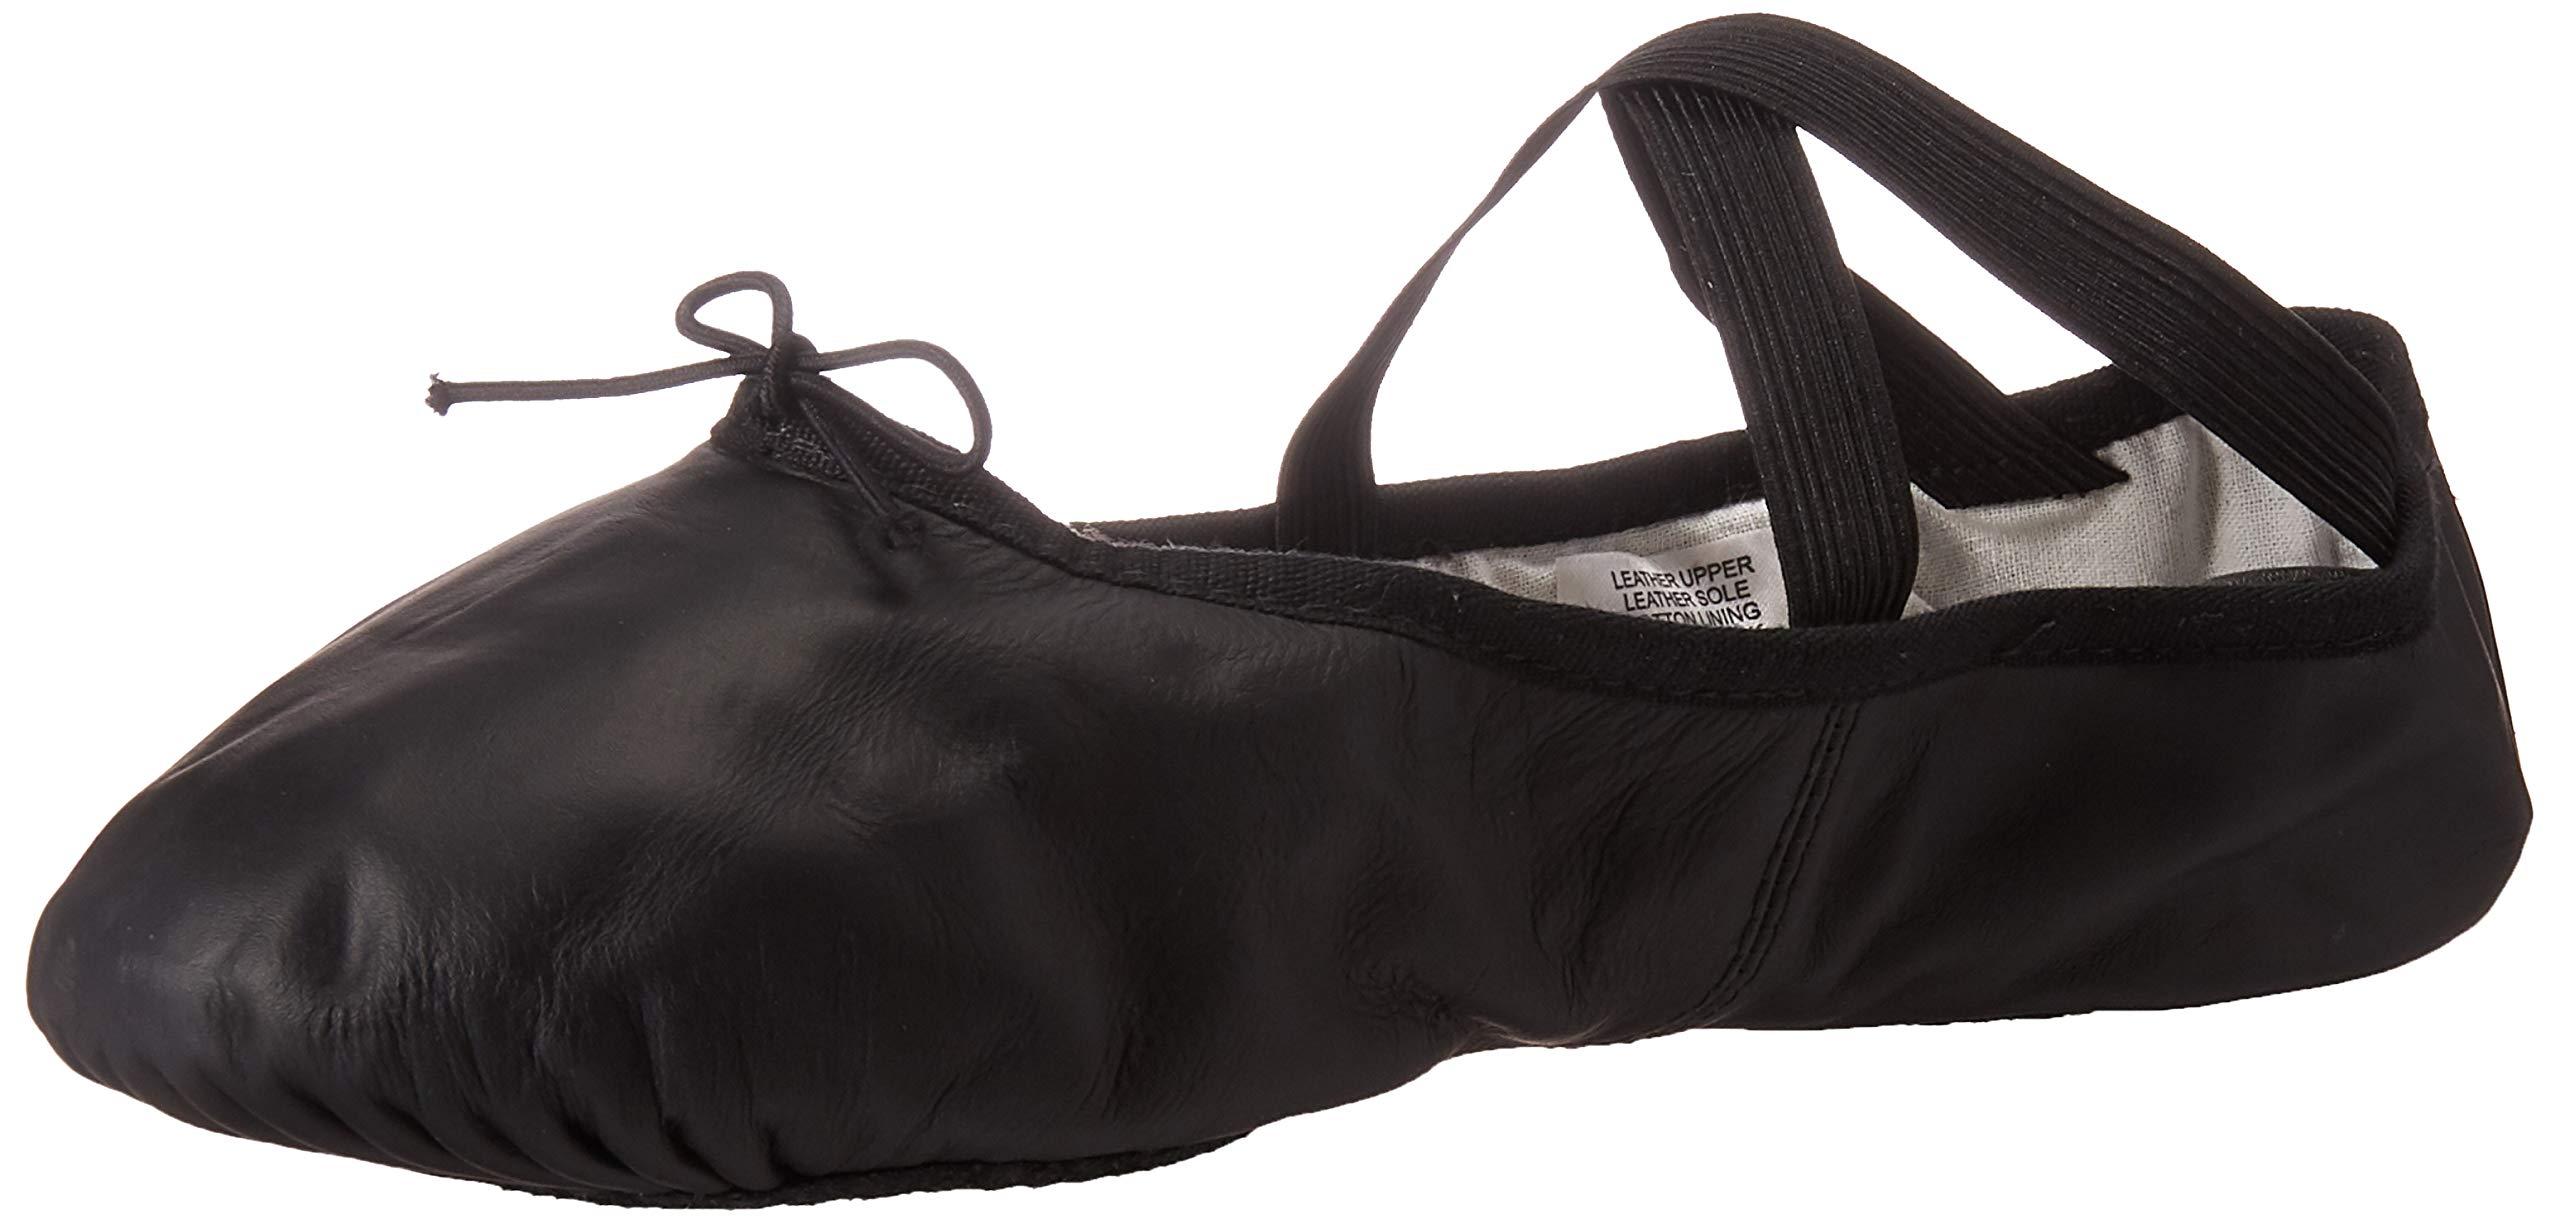 Bloch Prolite II Leather